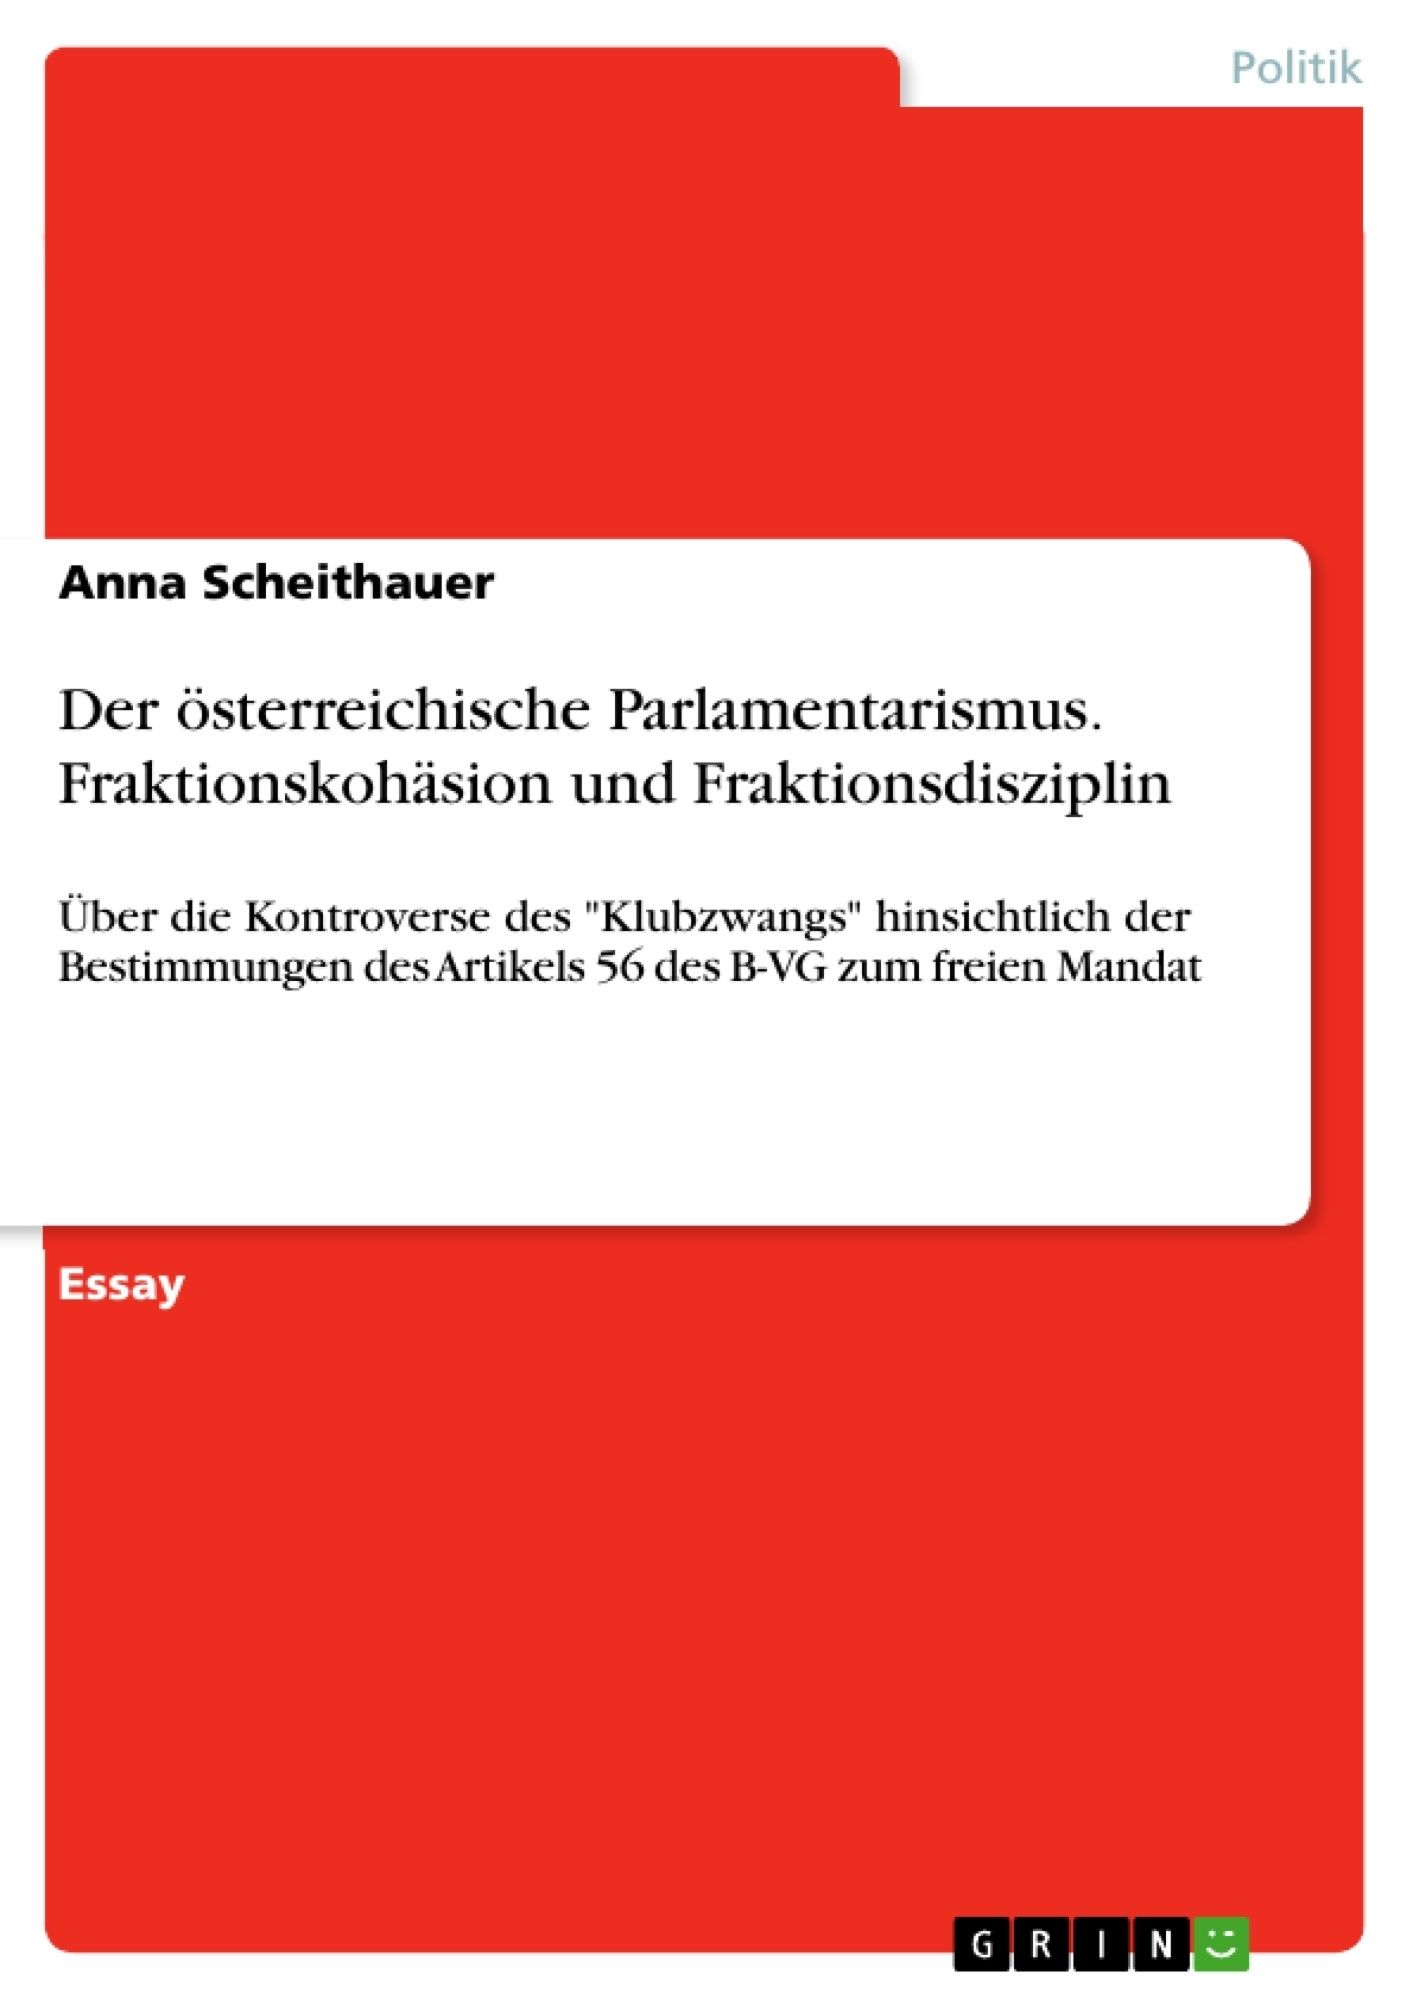 Titel: Der österreichische Parlamentarismus. Fraktionskohäsion und Fraktionsdisziplin